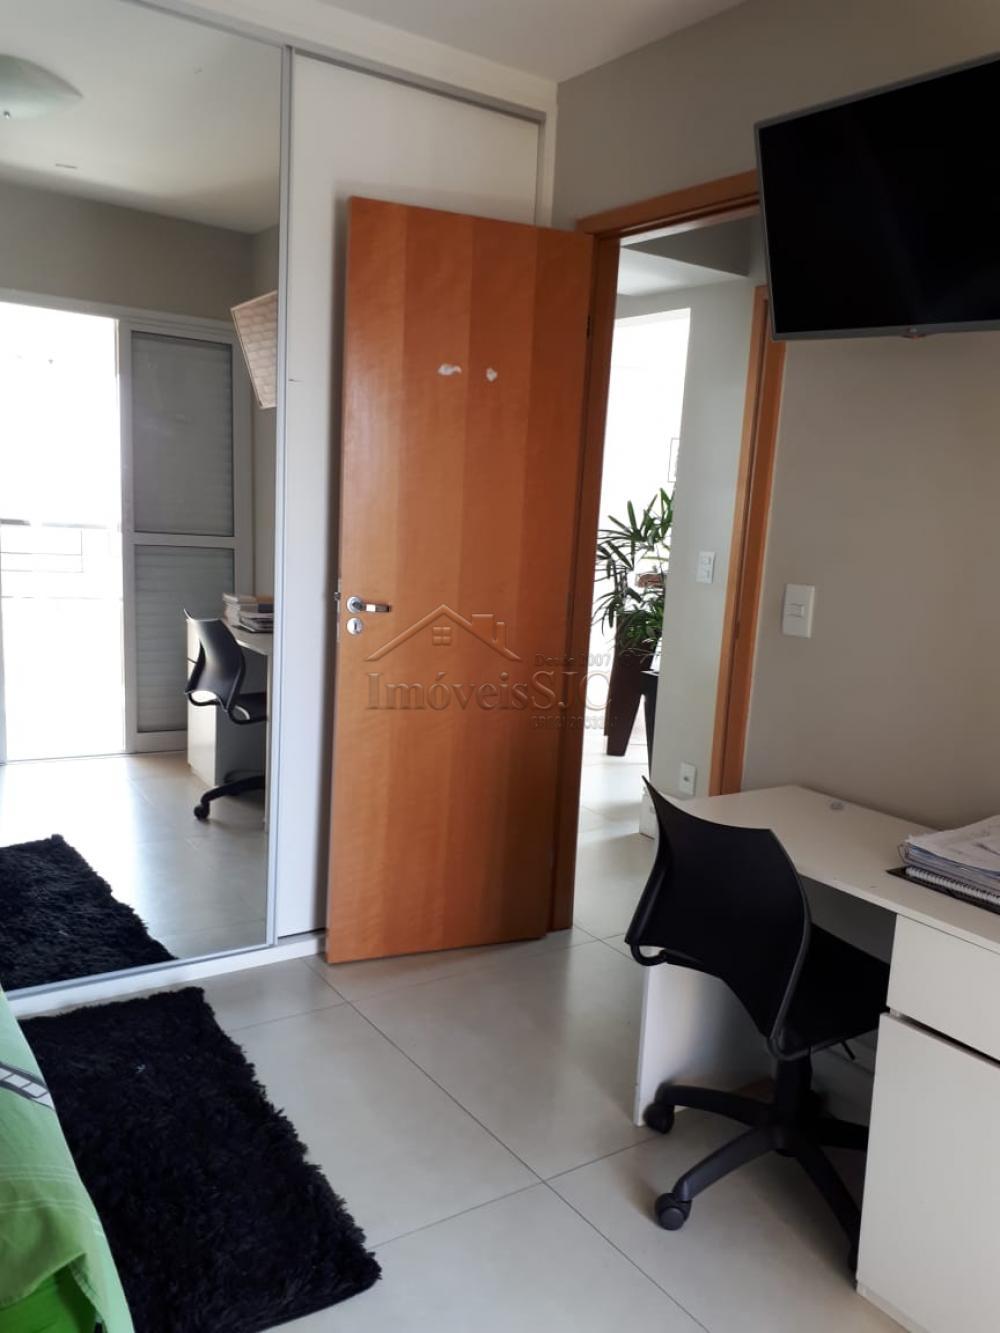 Alugar Apartamentos / Cobertura em São José dos Campos apenas R$ 3.500,00 - Foto 14